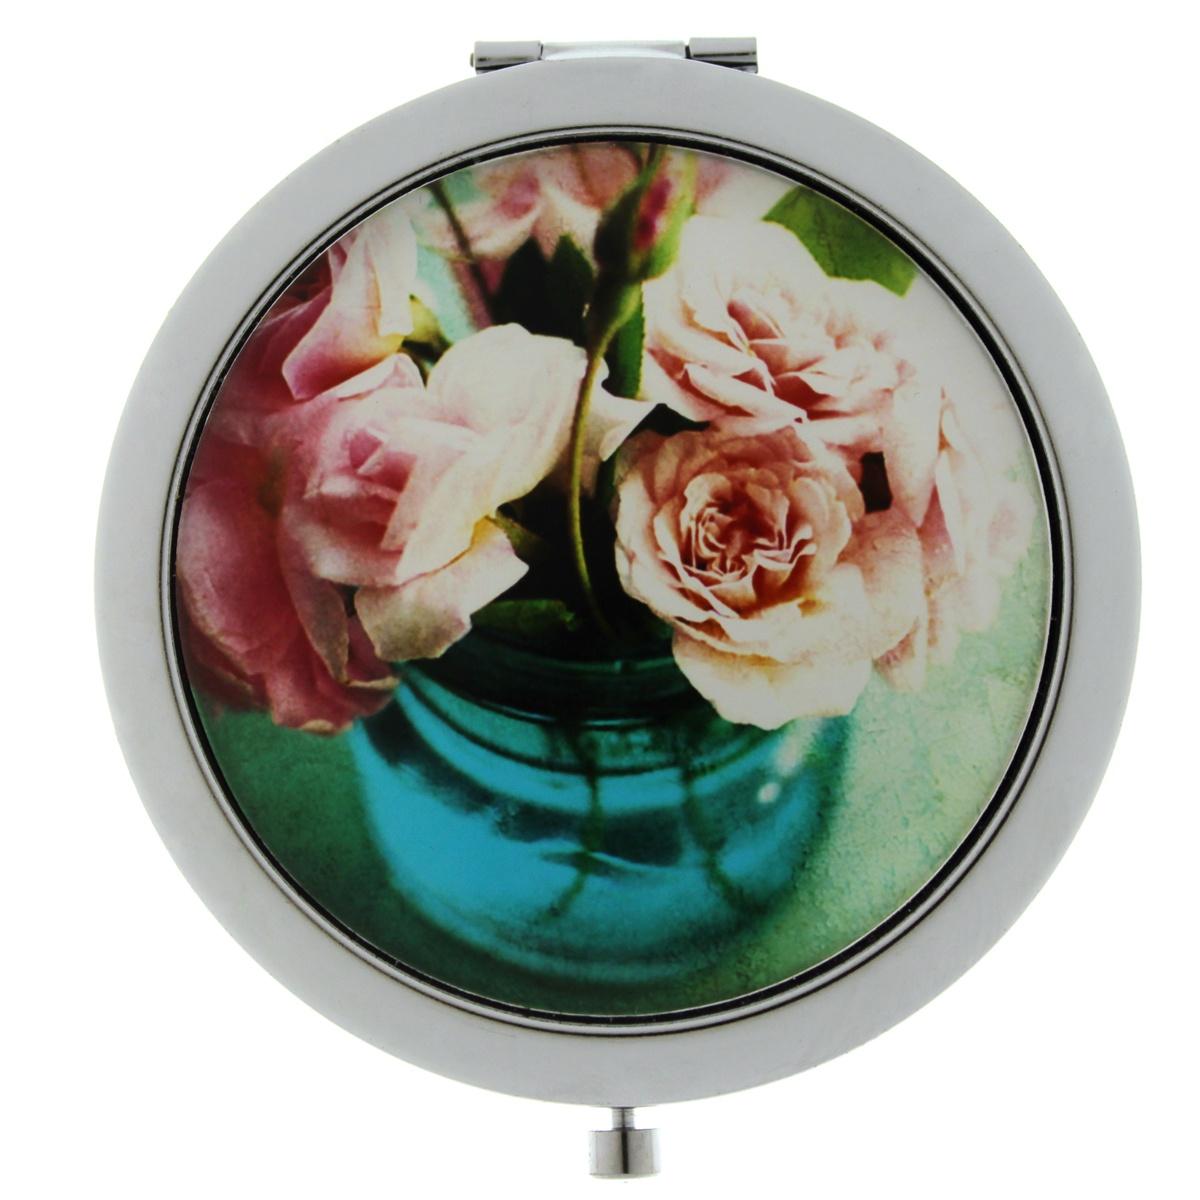 Зеркало карманное TINA BOLOTINA Розы, DZ-060, розовый, бирюзовый зеркало с ручкой увеличивающее 1560 titania